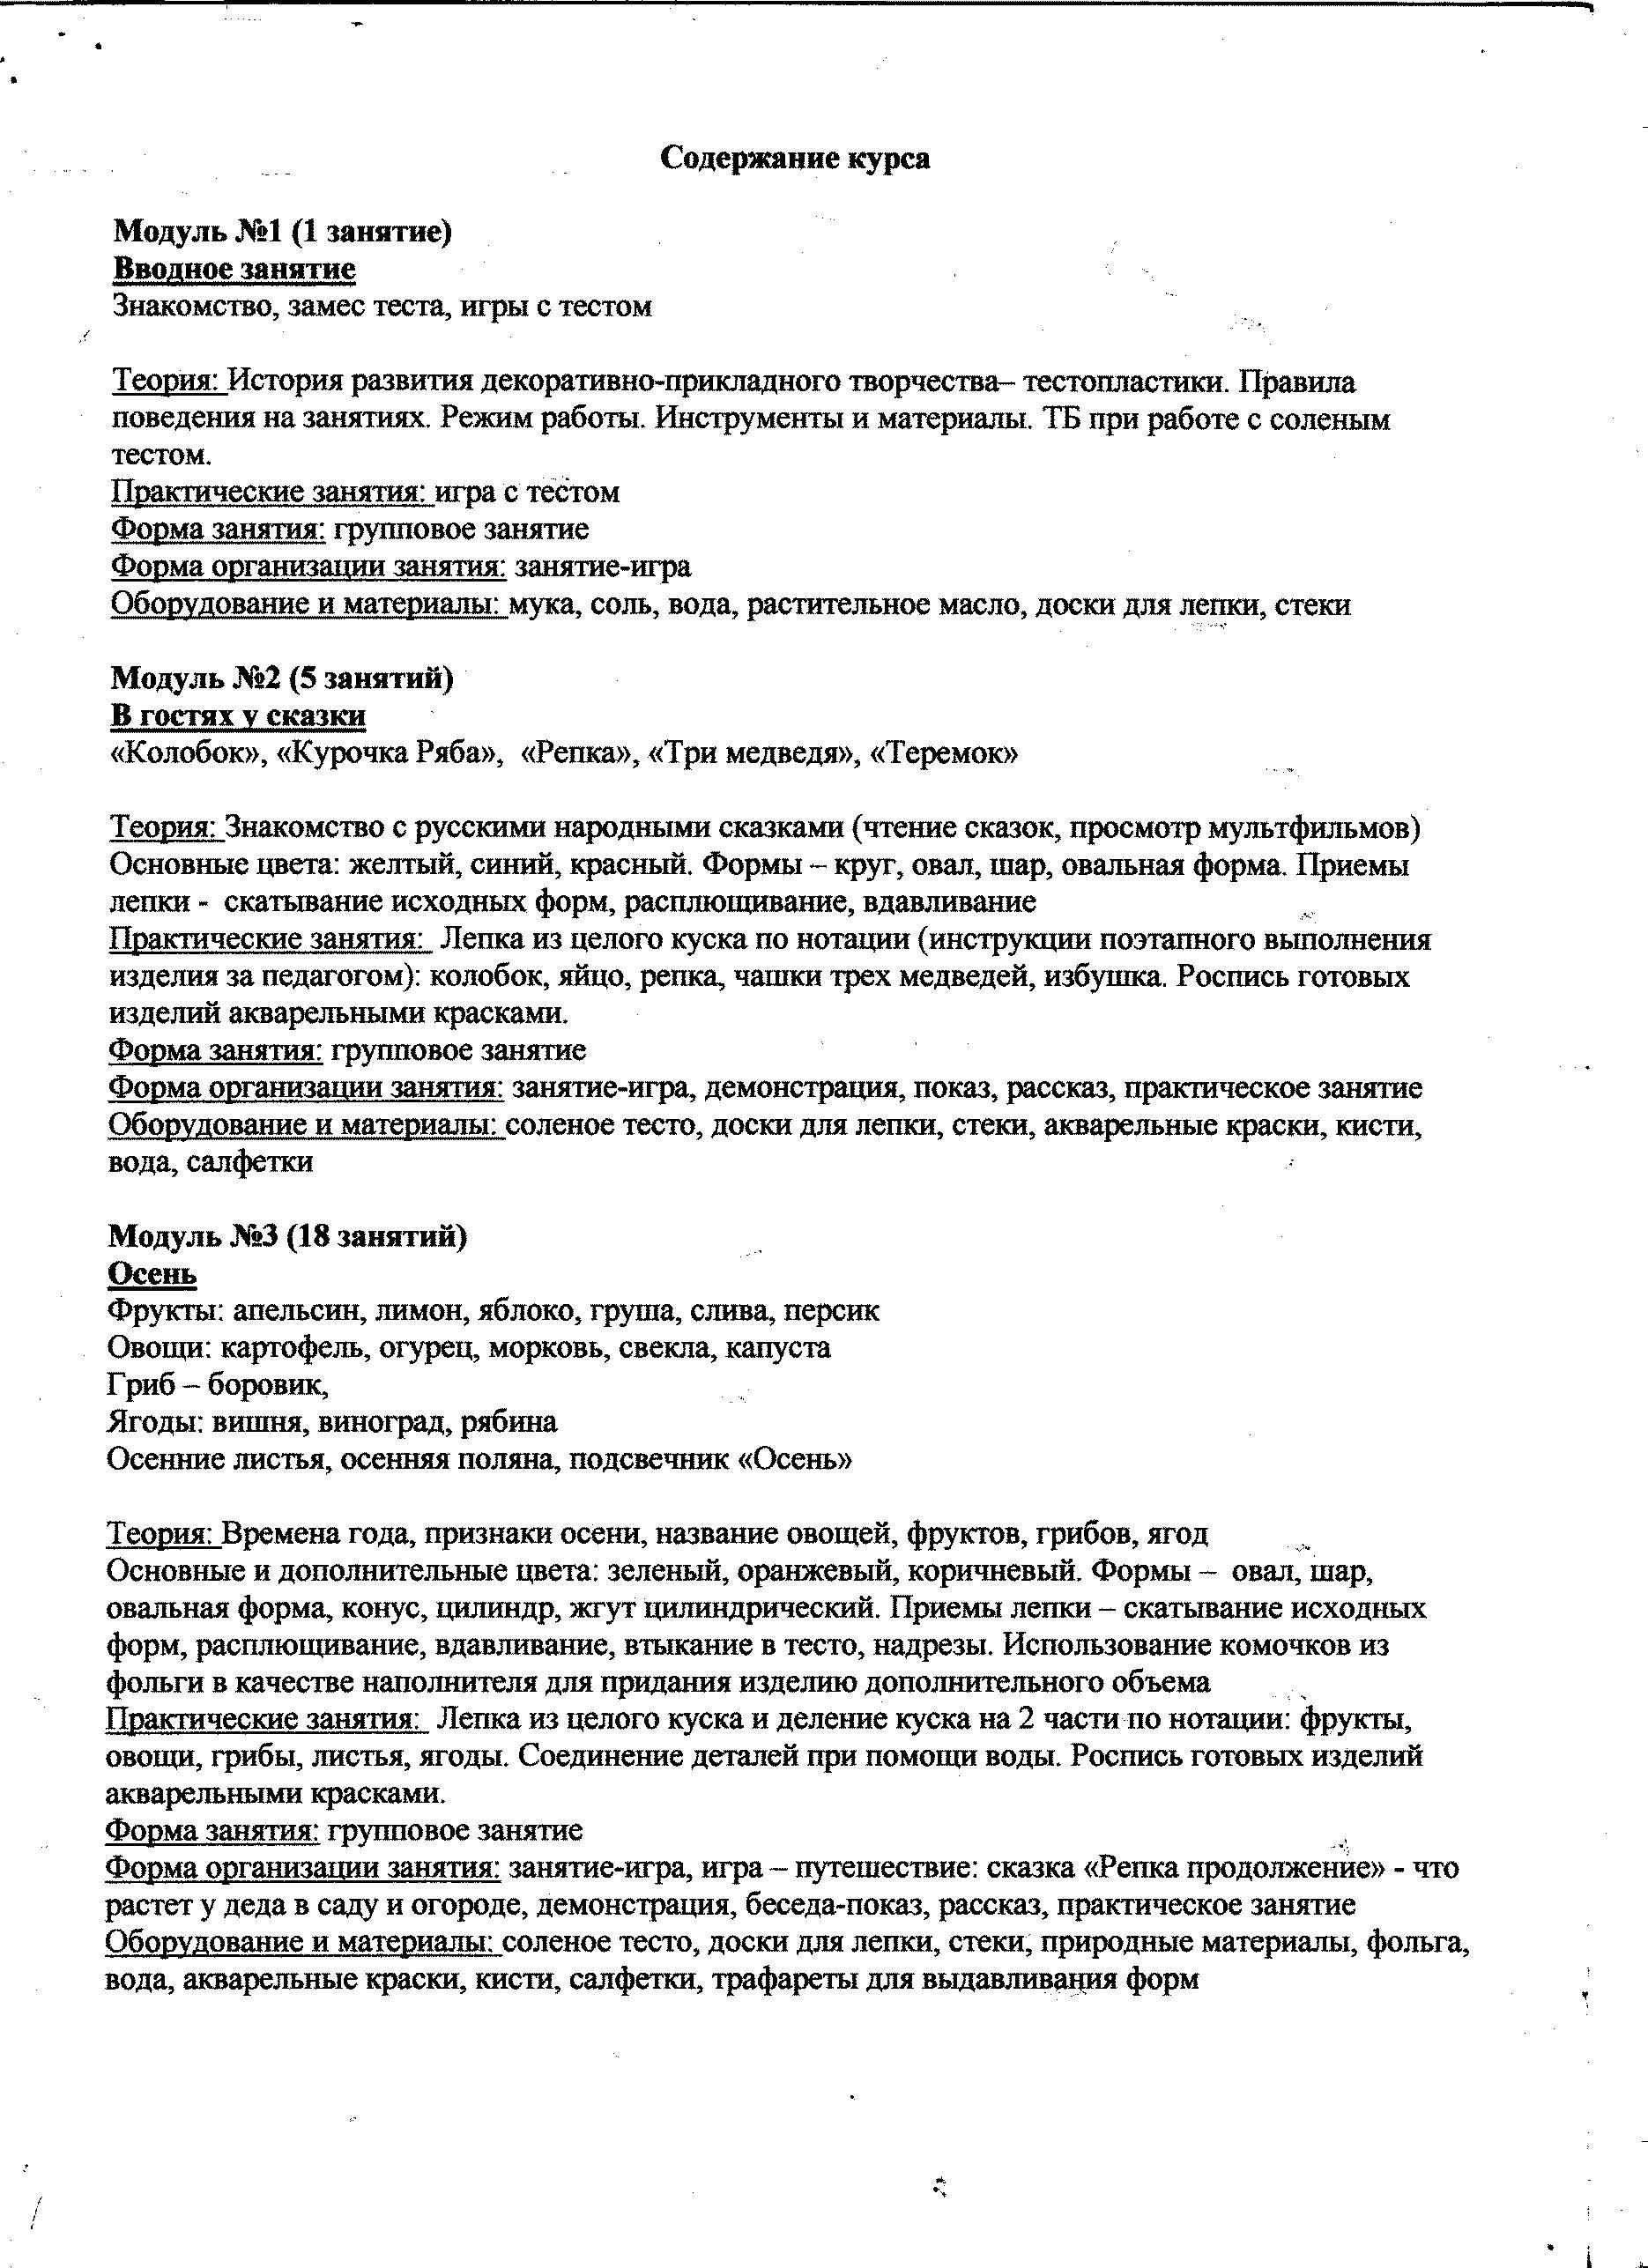 C:\Users\Виталий\Desktop\скан\002.tif